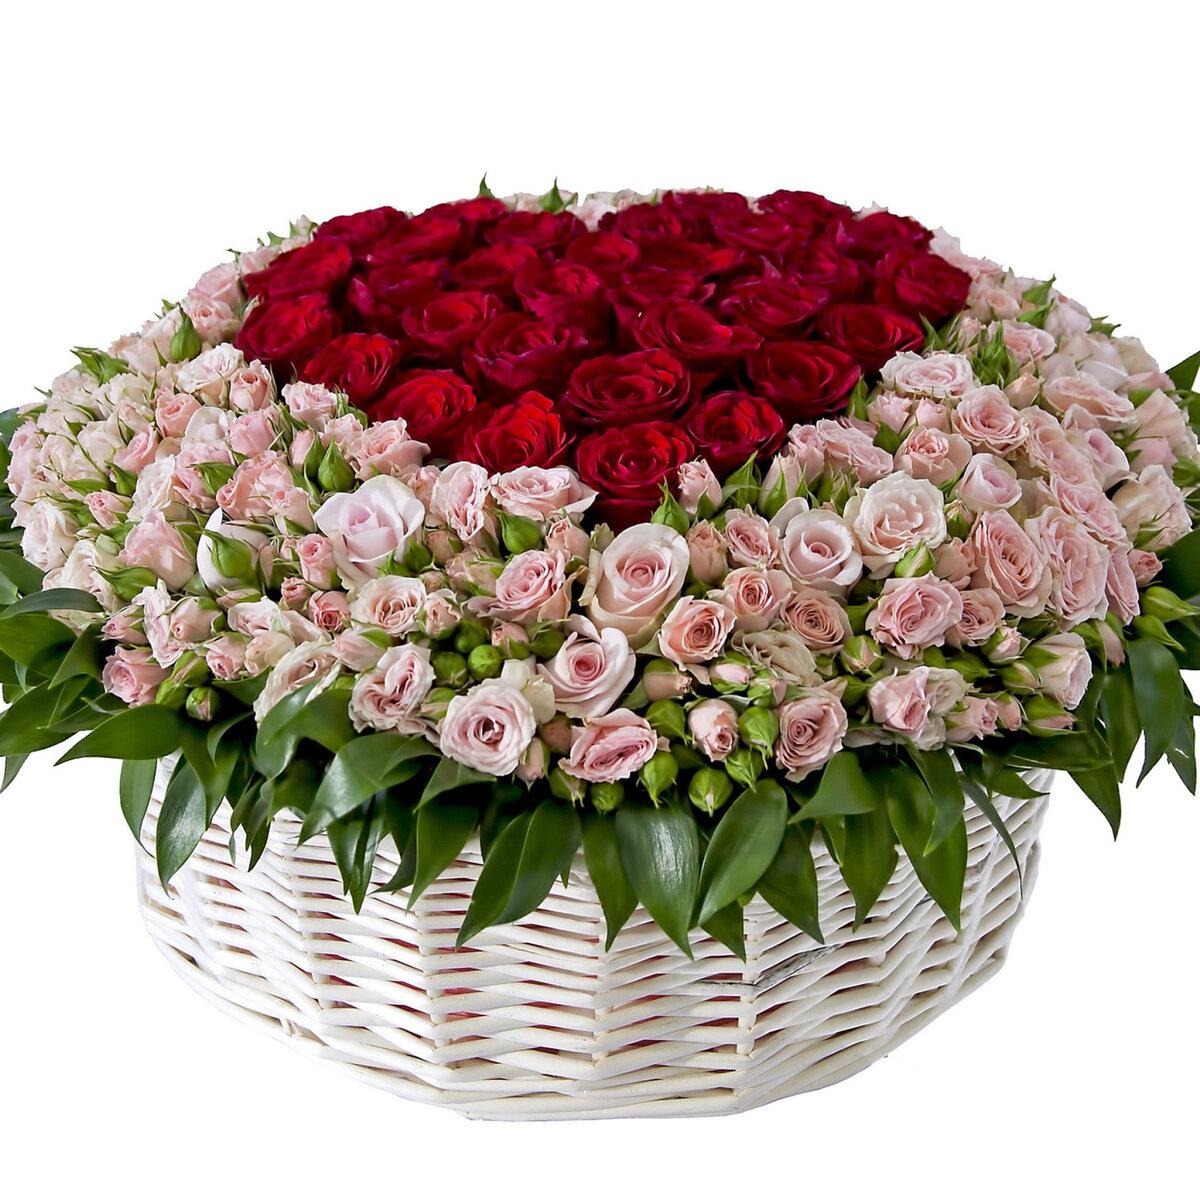 Красивые букеты цветов с надписью для тебя, первоклассников